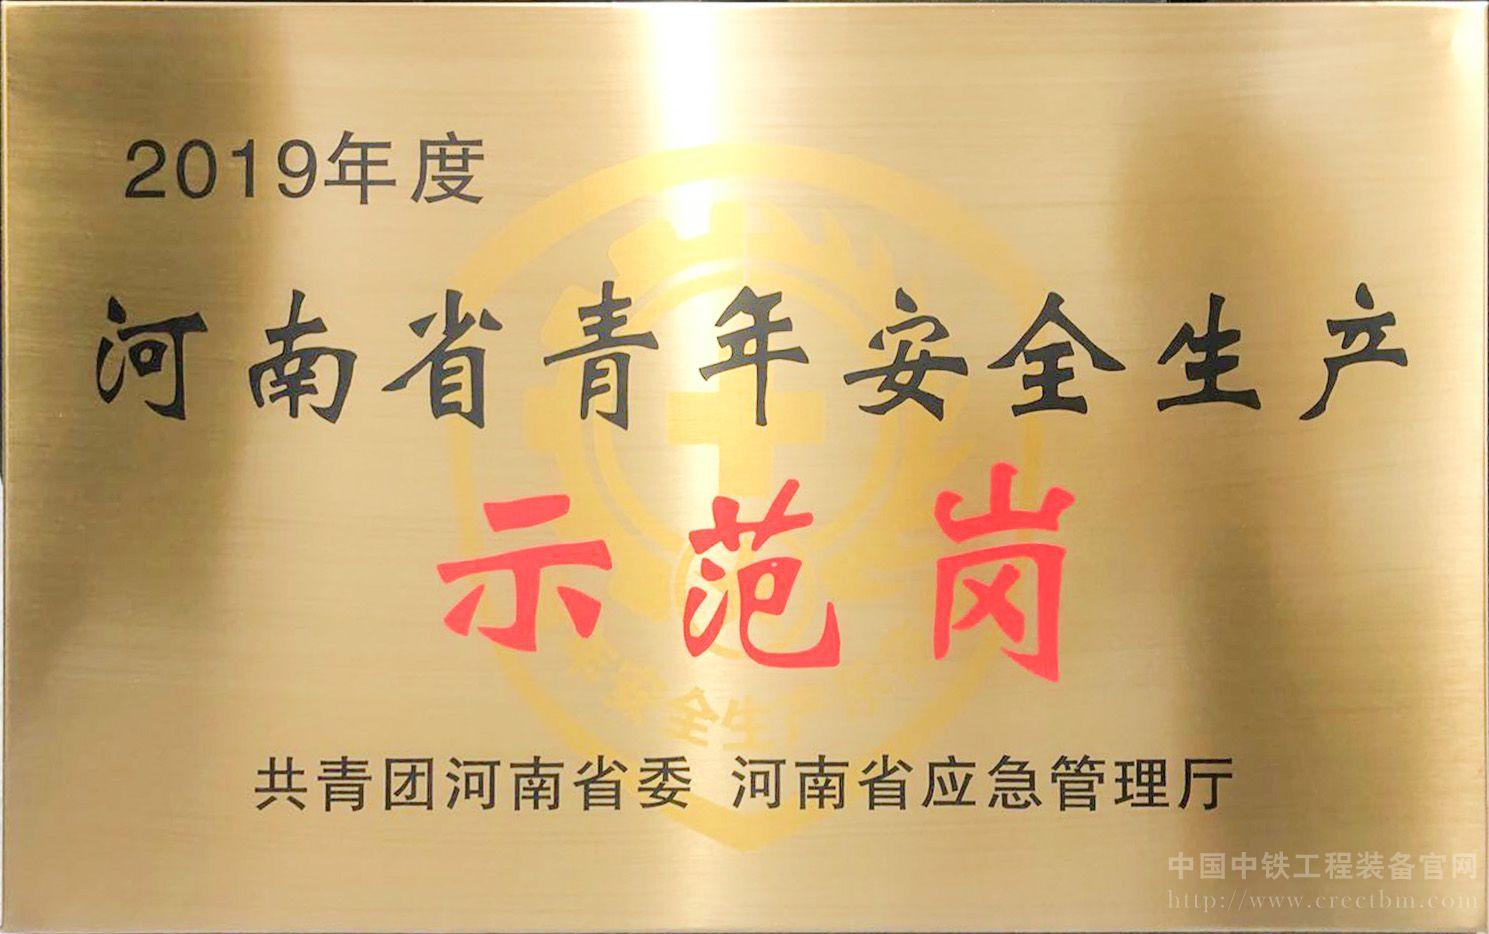 2019年度河南省青年安全生产示范岗.jpg